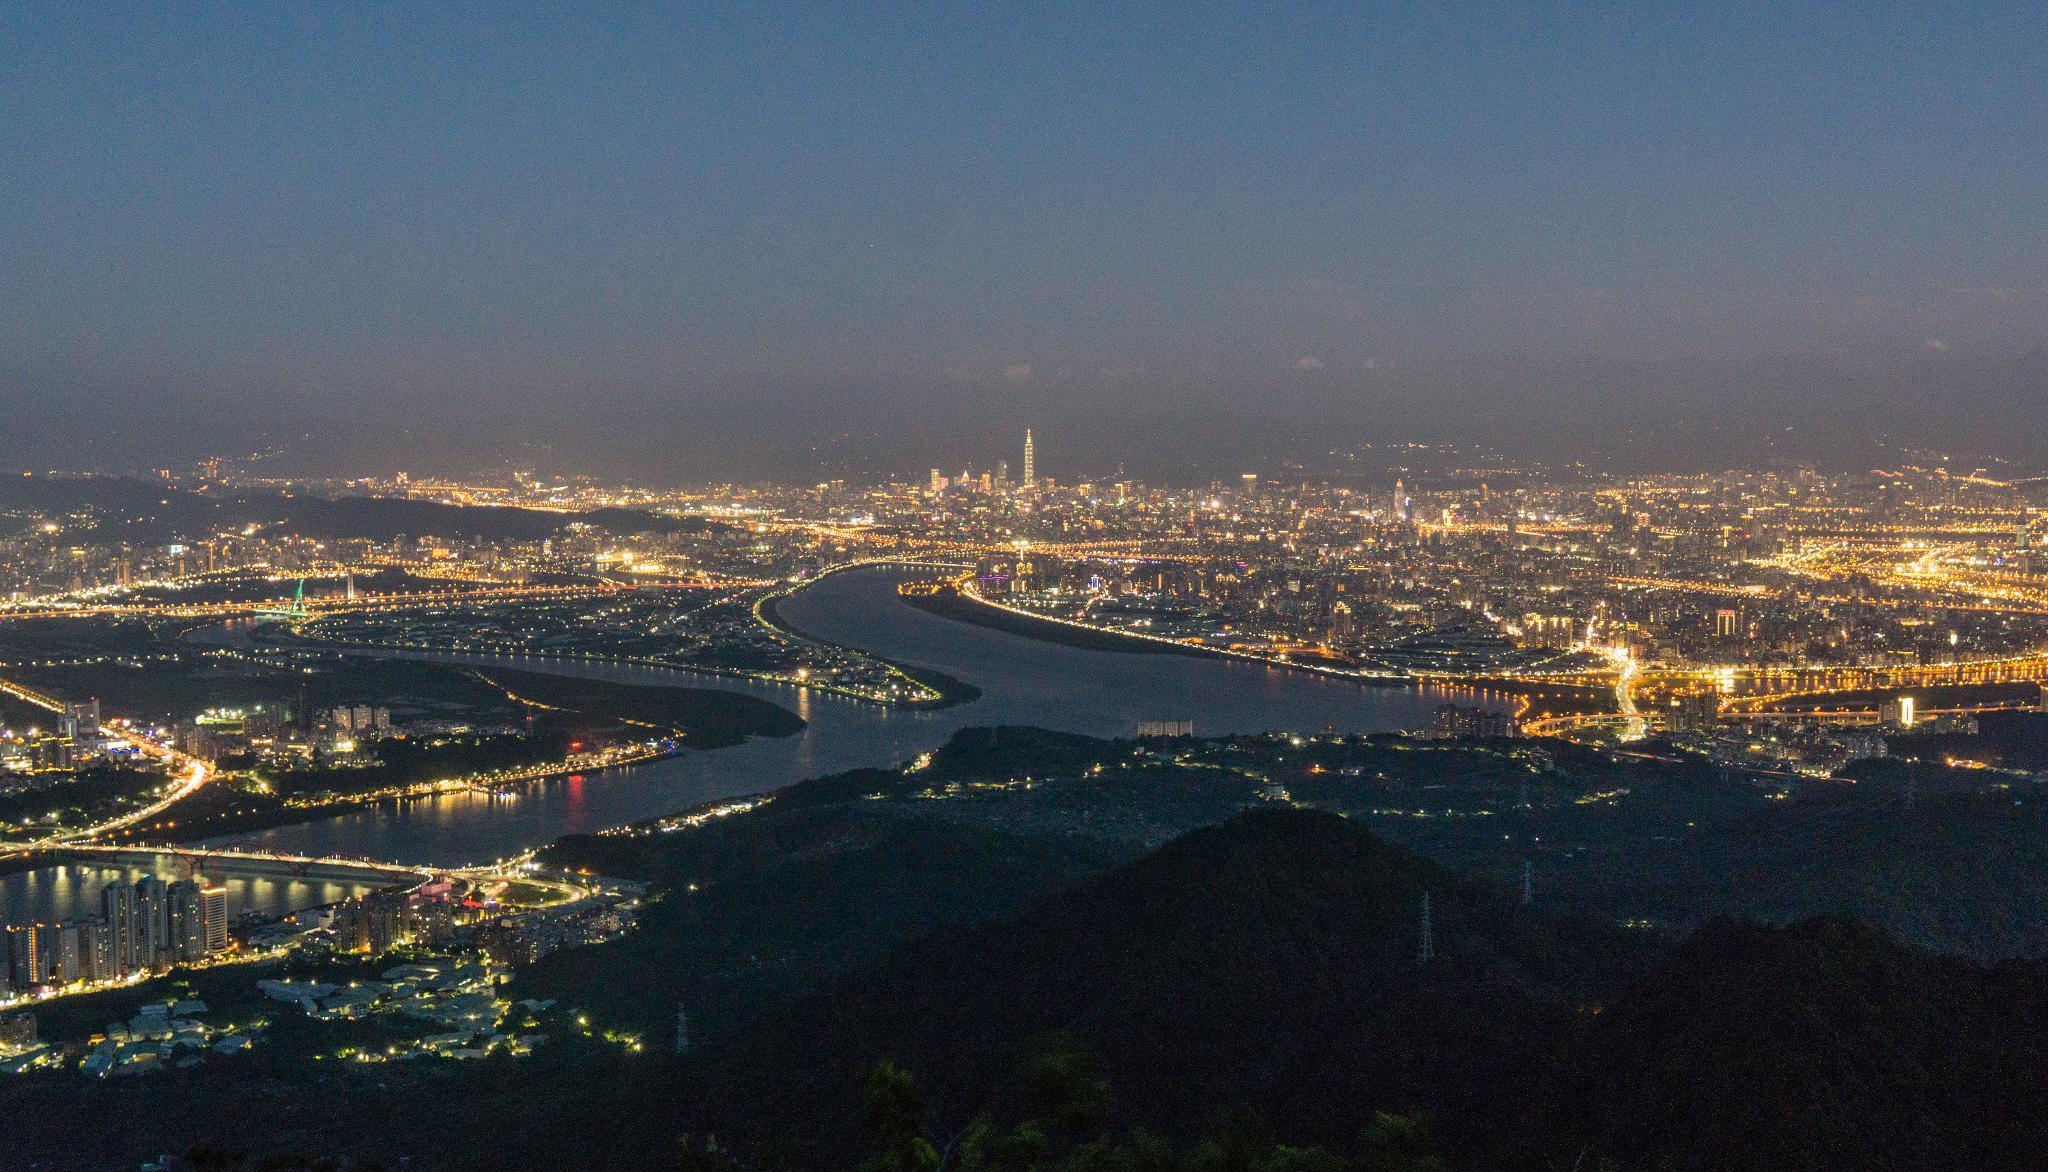 【臺北】觀音山硬漢嶺 — 瞭望大台北地區最推薦的觀景台 2